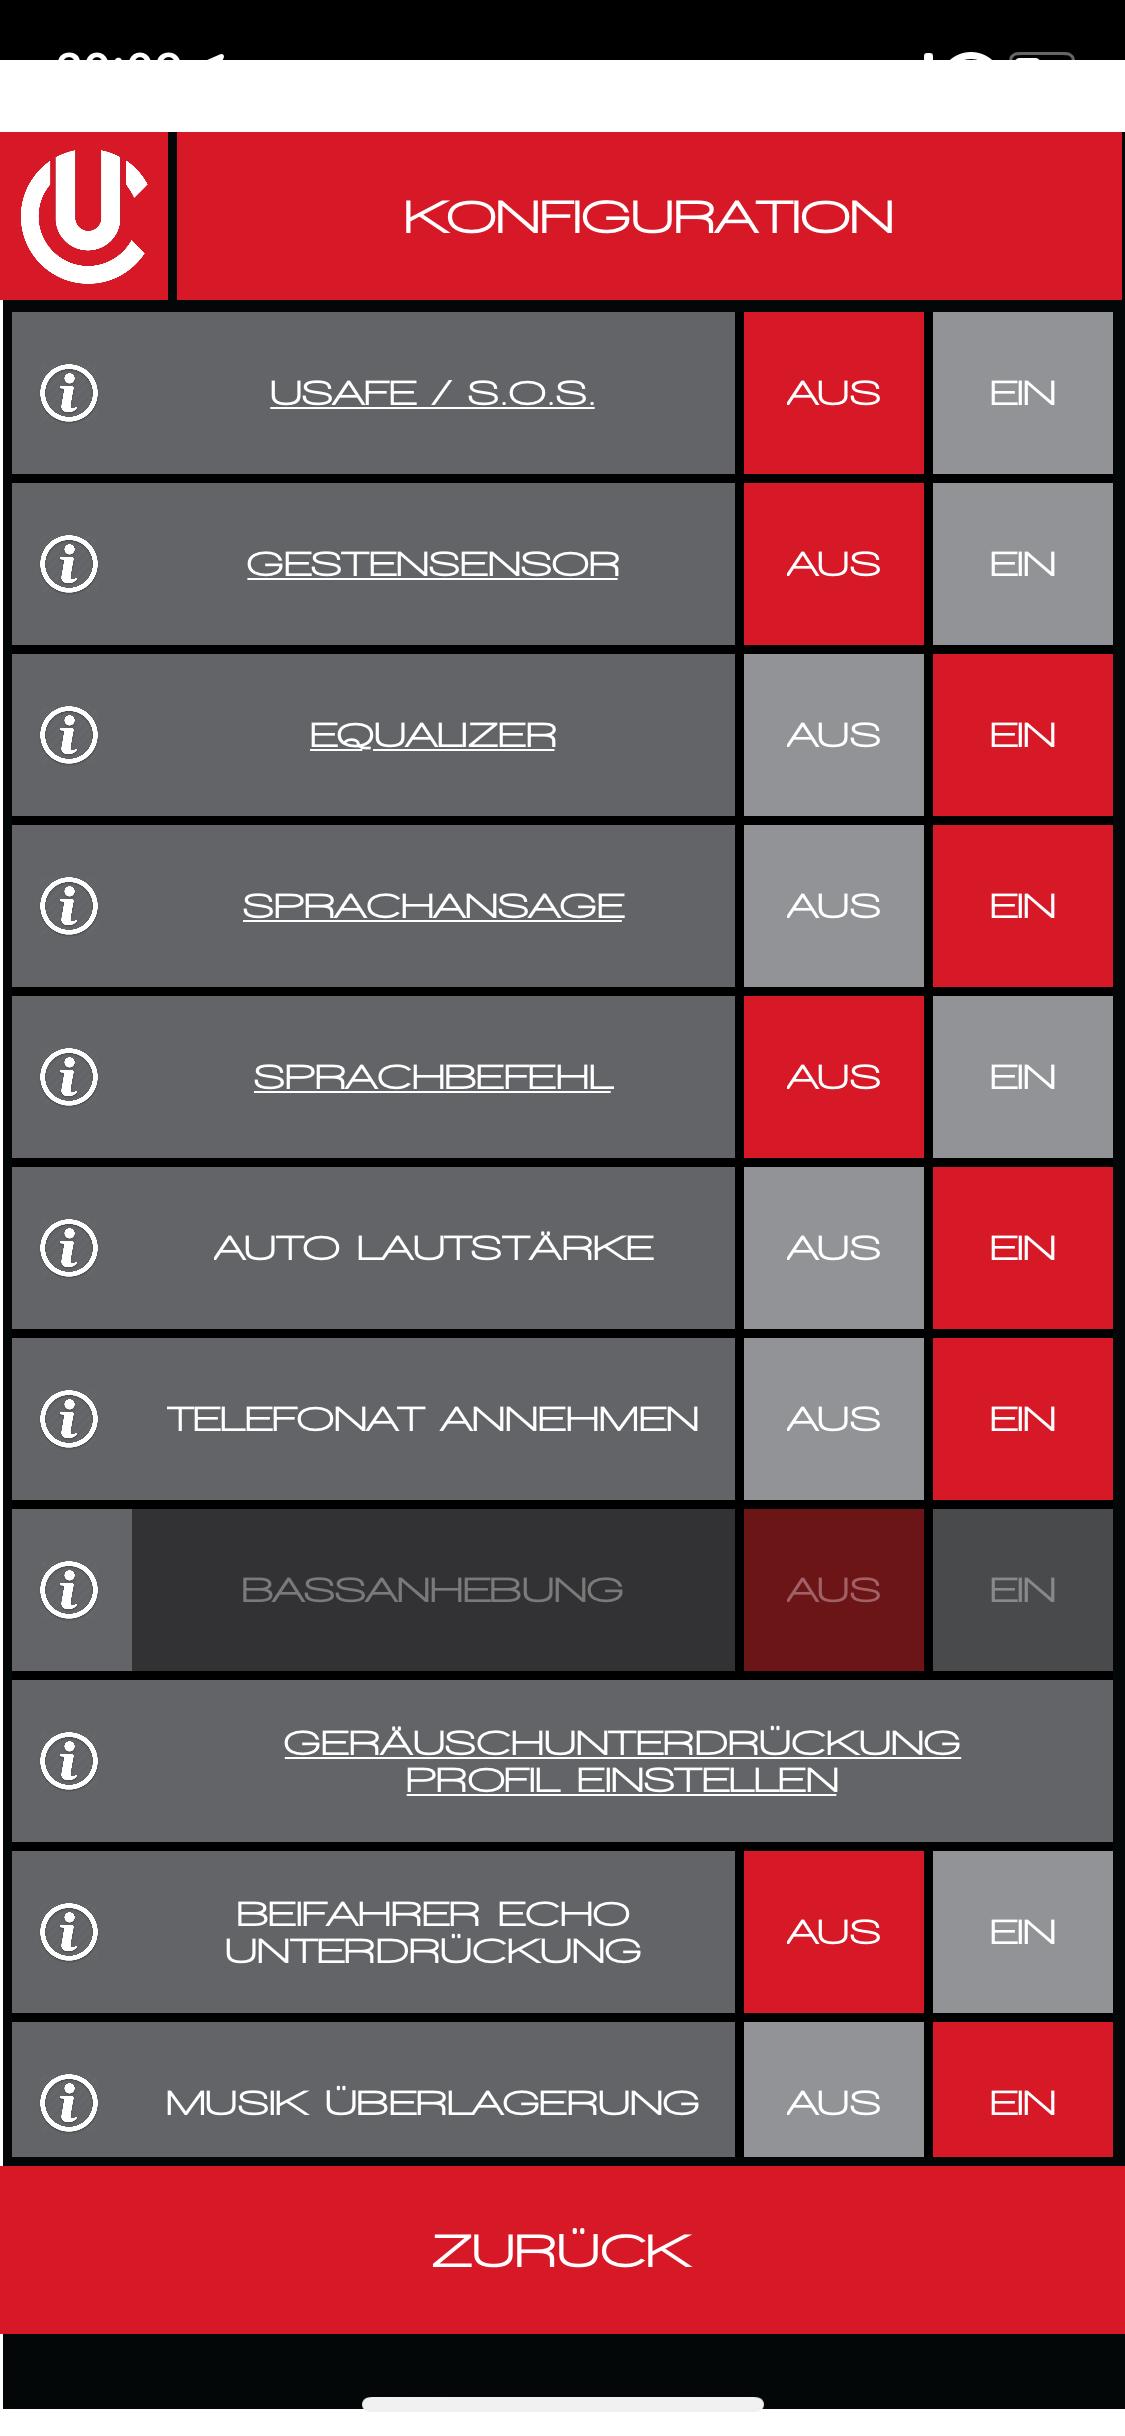 CLEARLink-Konfiguration-Deutsch